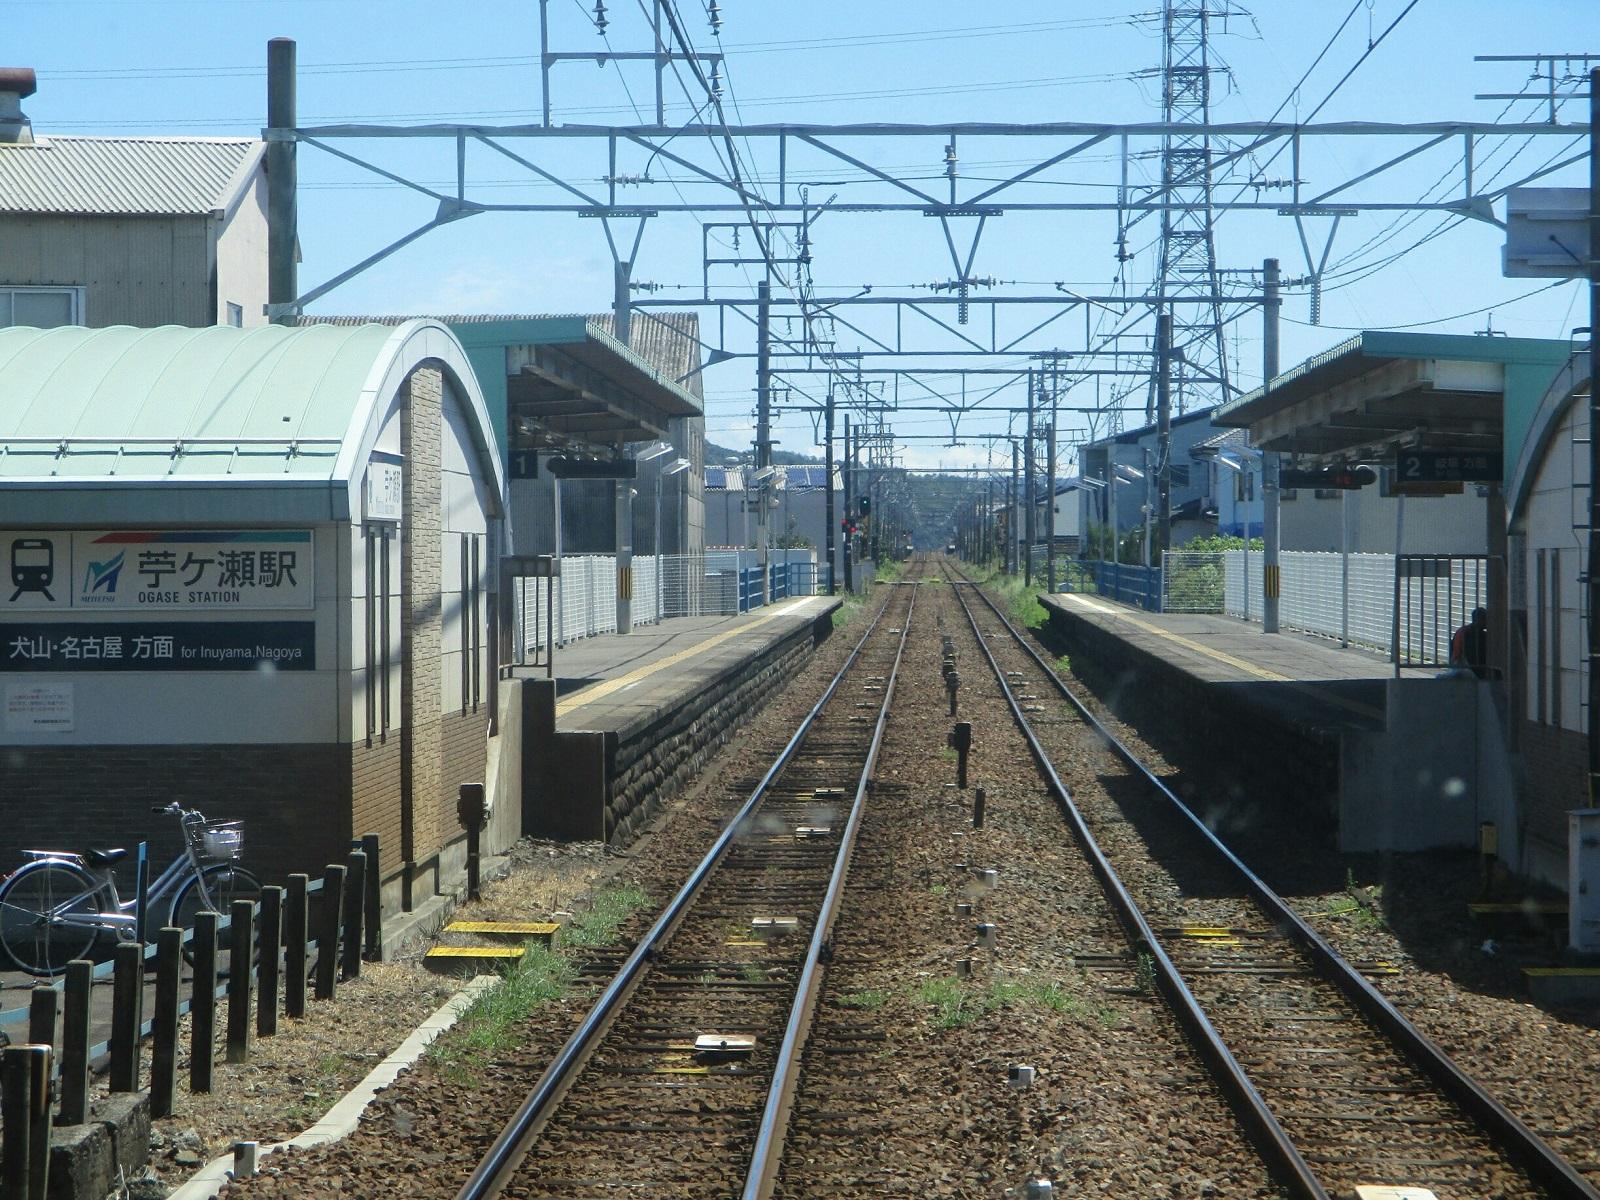 2018.8.17 (58) 犬山いきふつう - 苧ヶ瀬 1600-1200